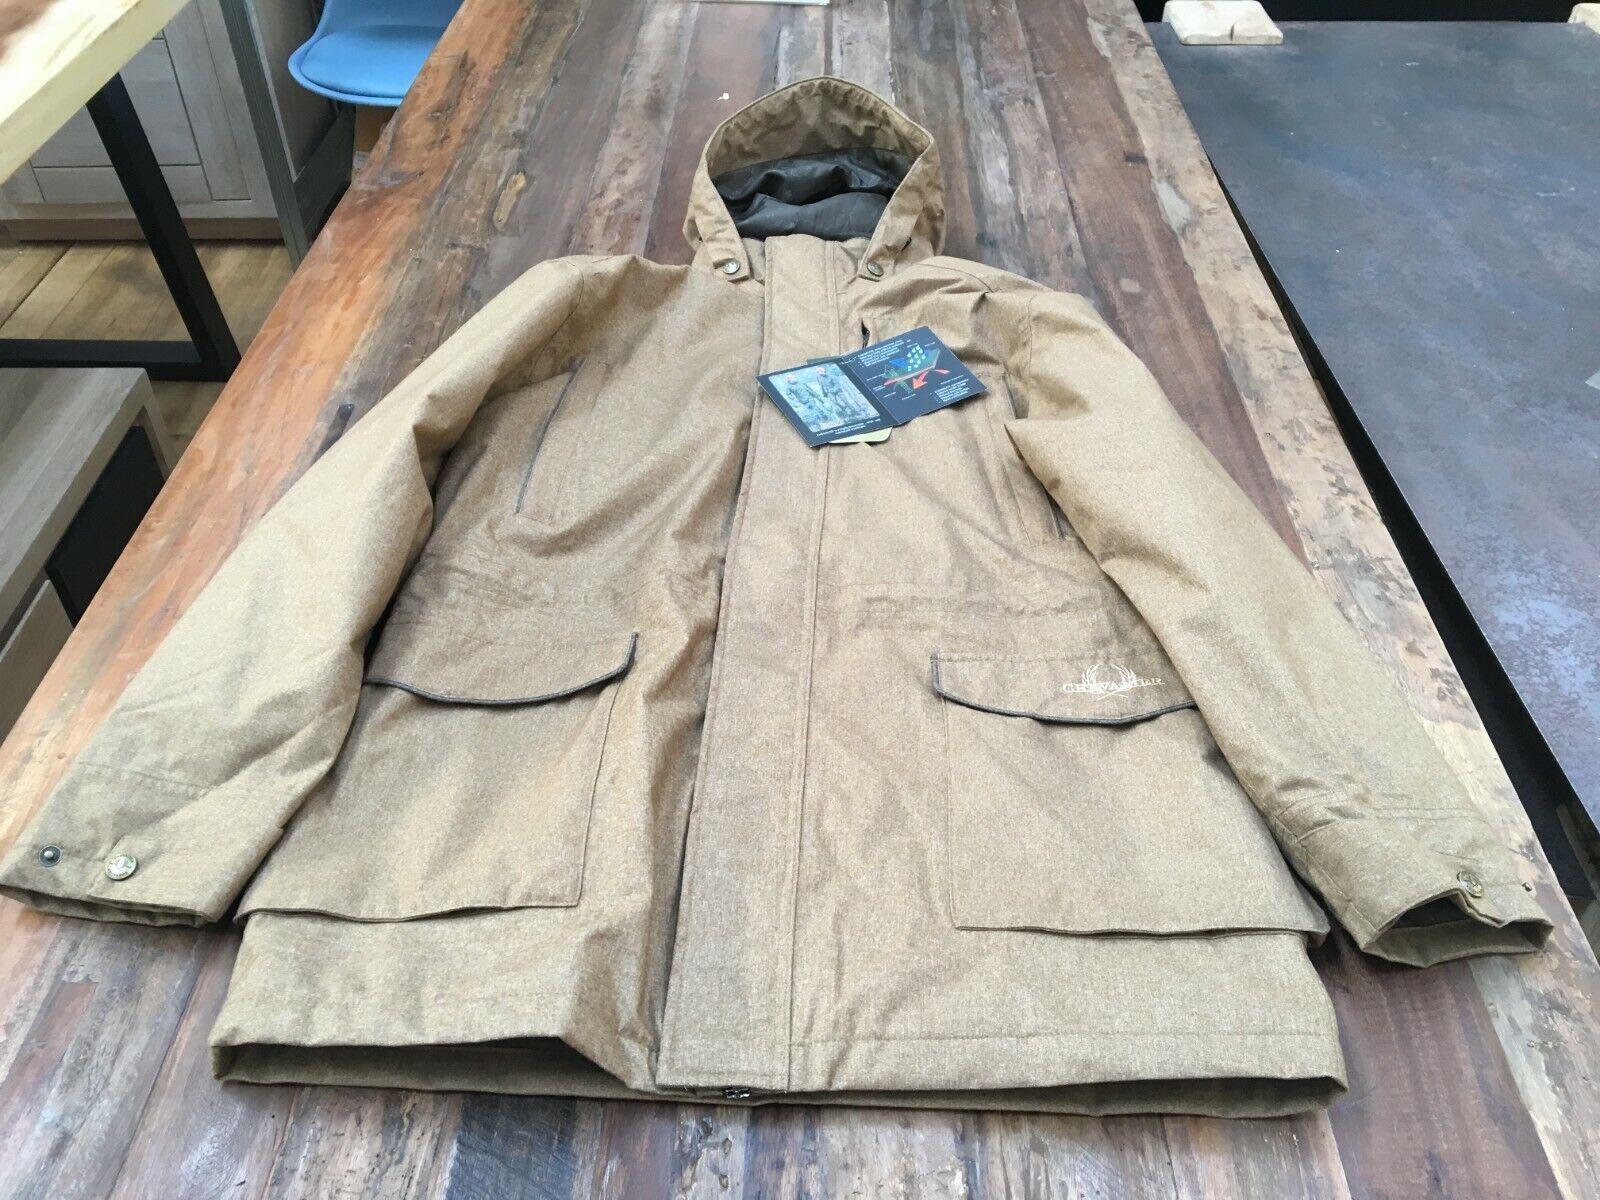 Manteau de chasse homme Chevalier Waterfowl chevalite LP Coat 3981B size M